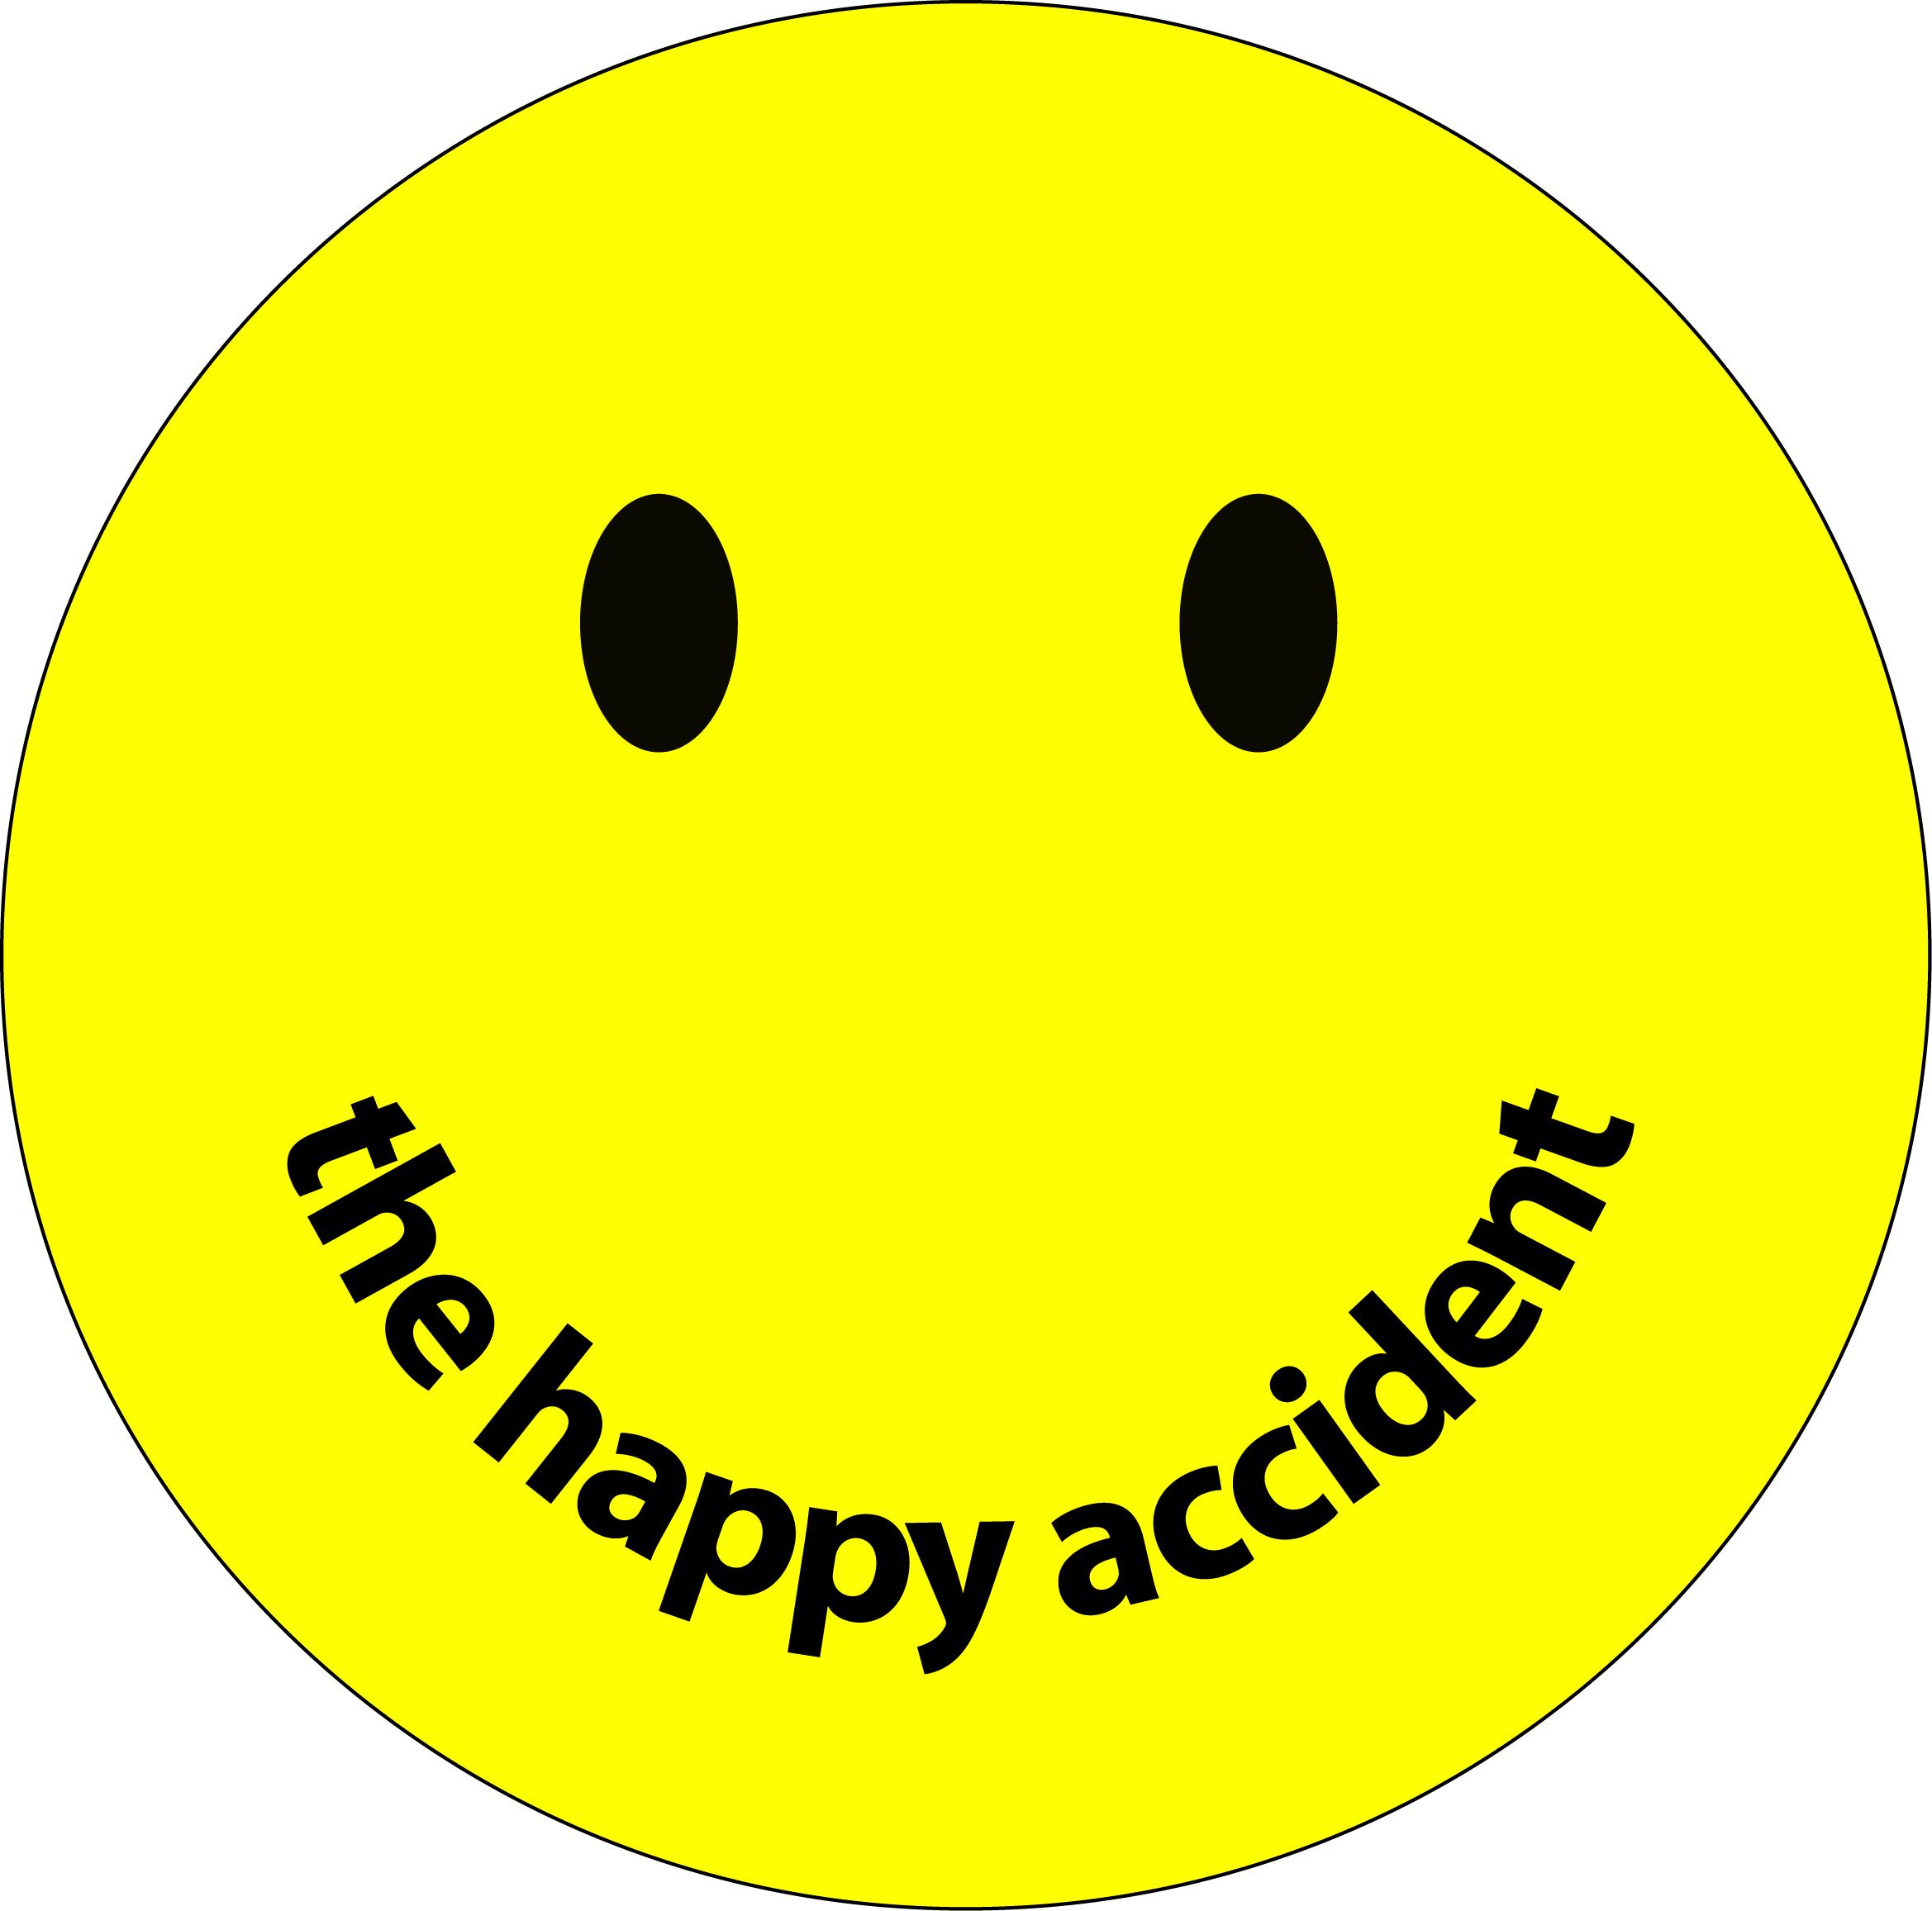 happy-accident-31.jpg